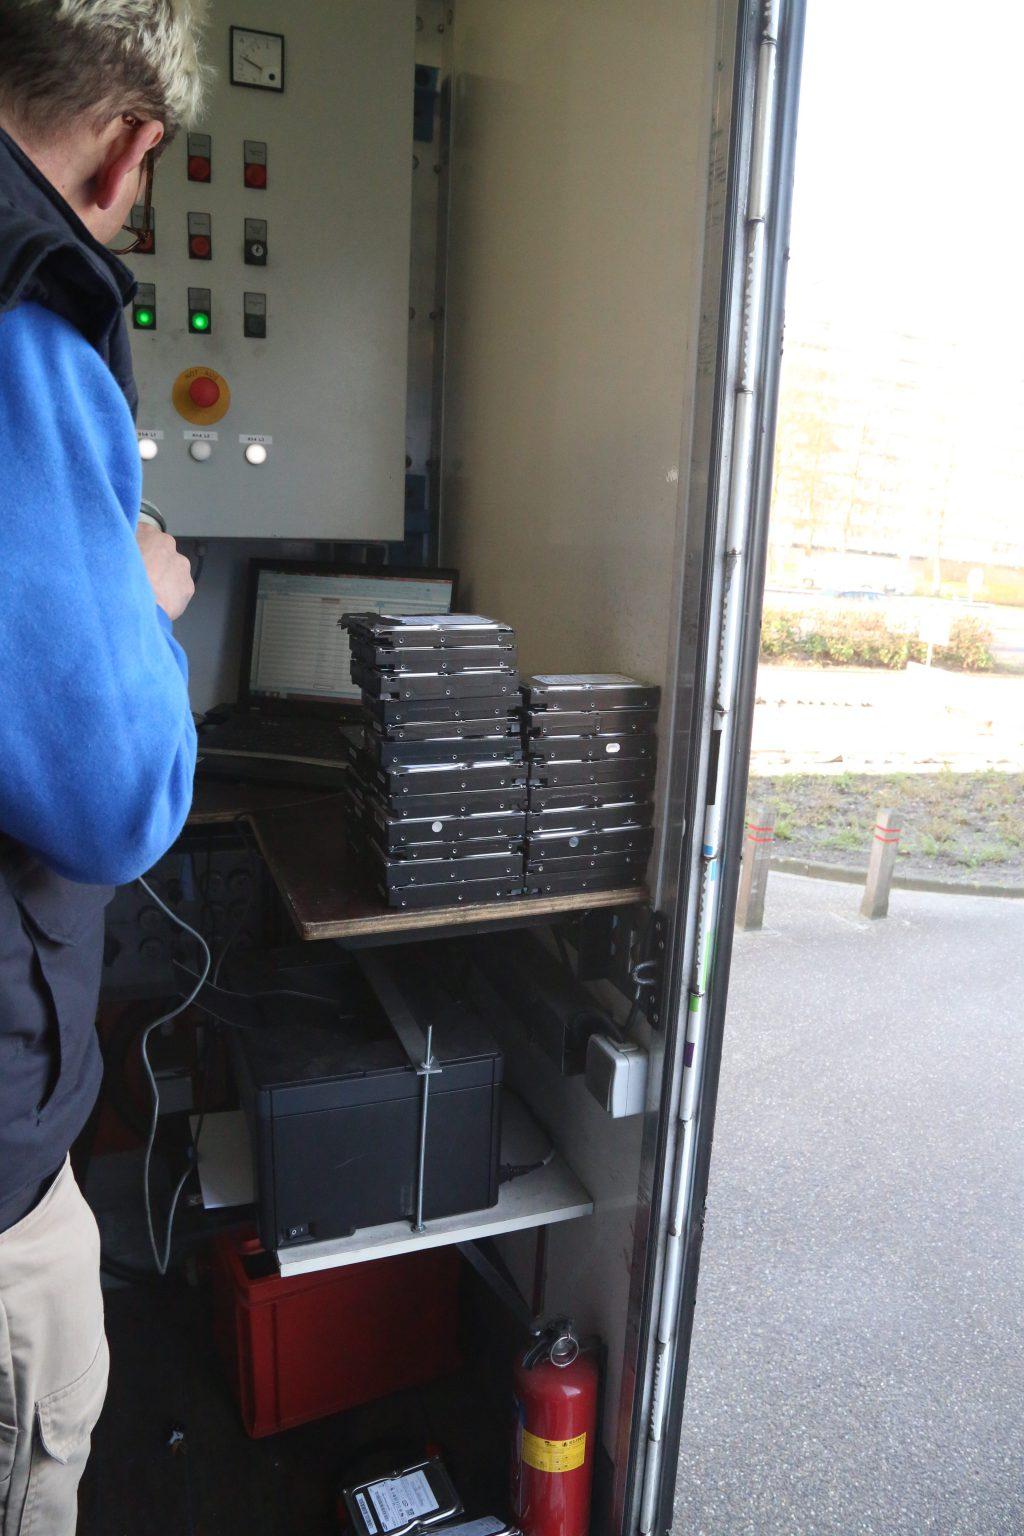 De serienummers van de defecte harddisks worden gescant